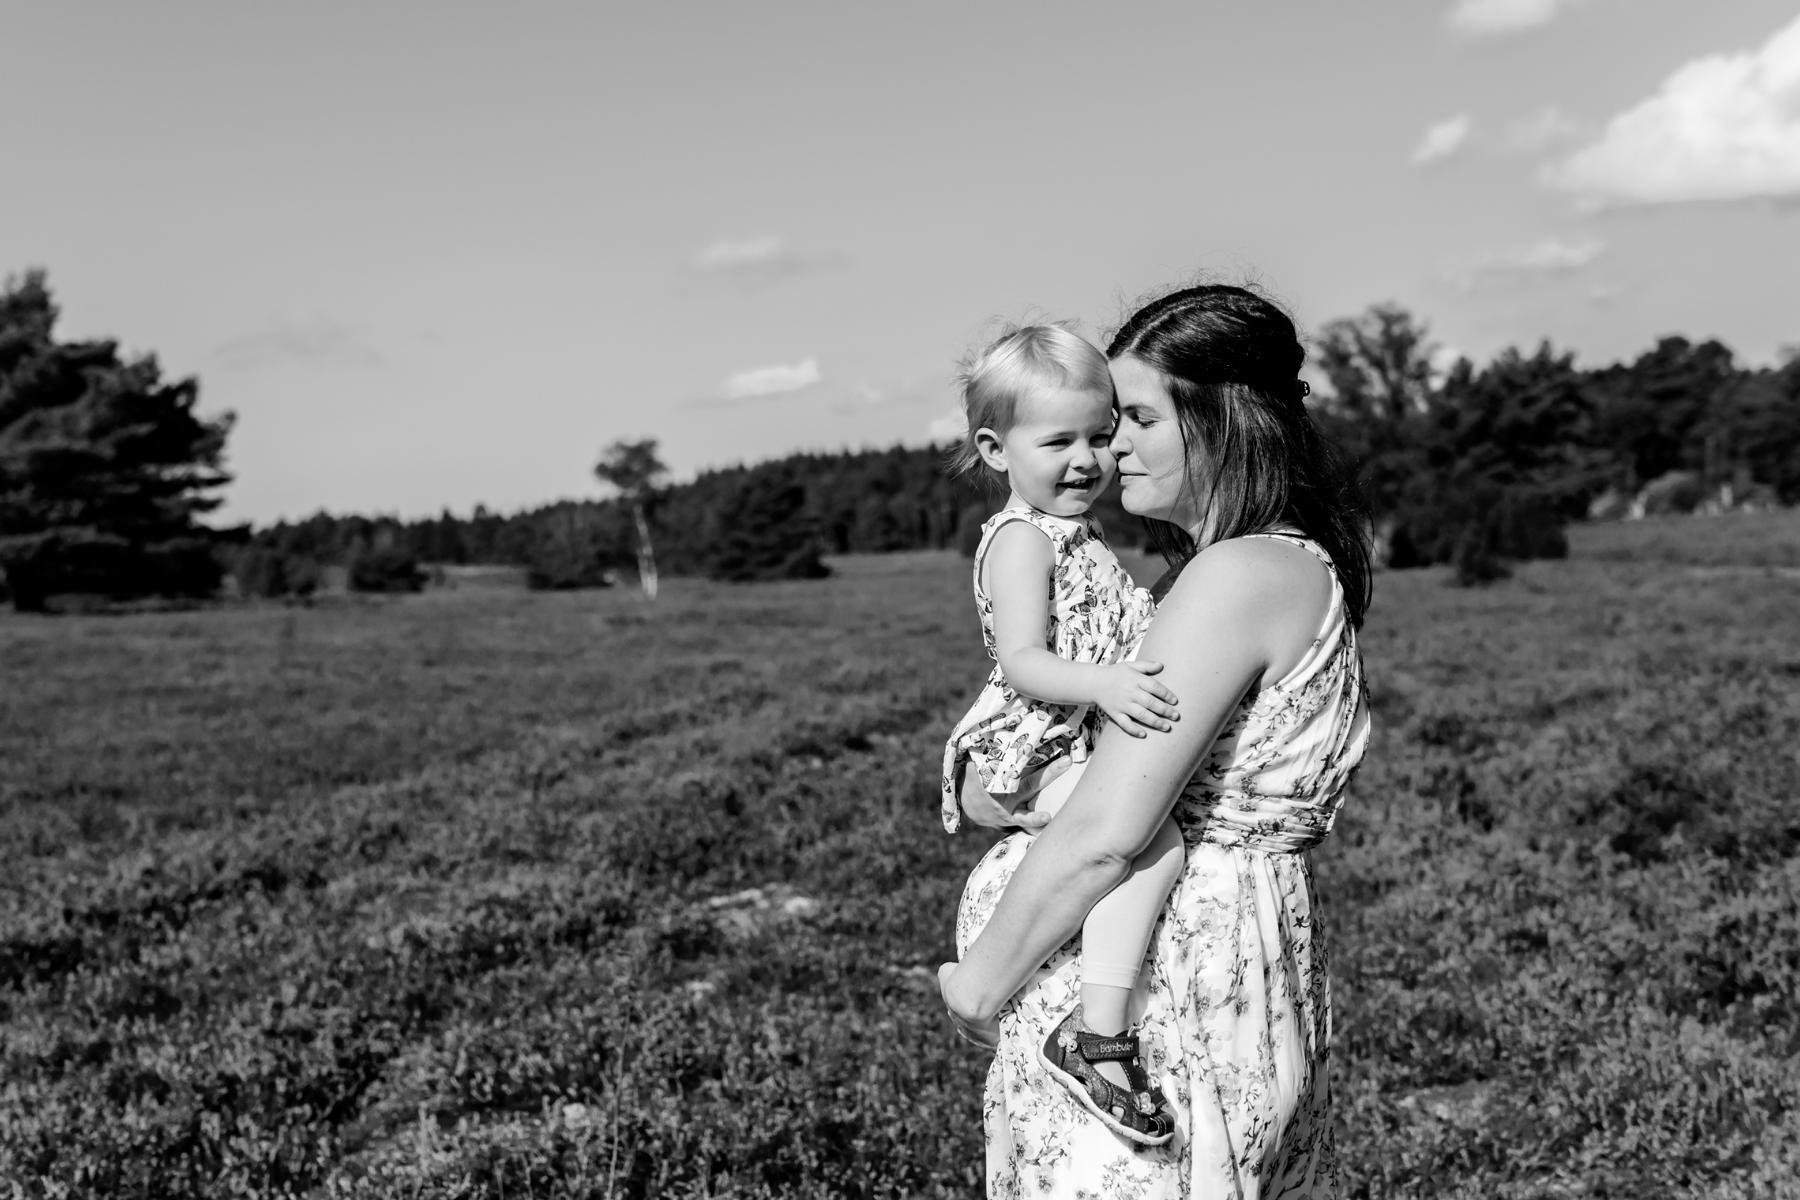 Fotoshooting mit Babybauch Sittensen | Babybauchshooting Schneverdingen | Schwangerschaftsfotografie Visselhövede | Babybauchbilder Soltau | Babybauch Shooting